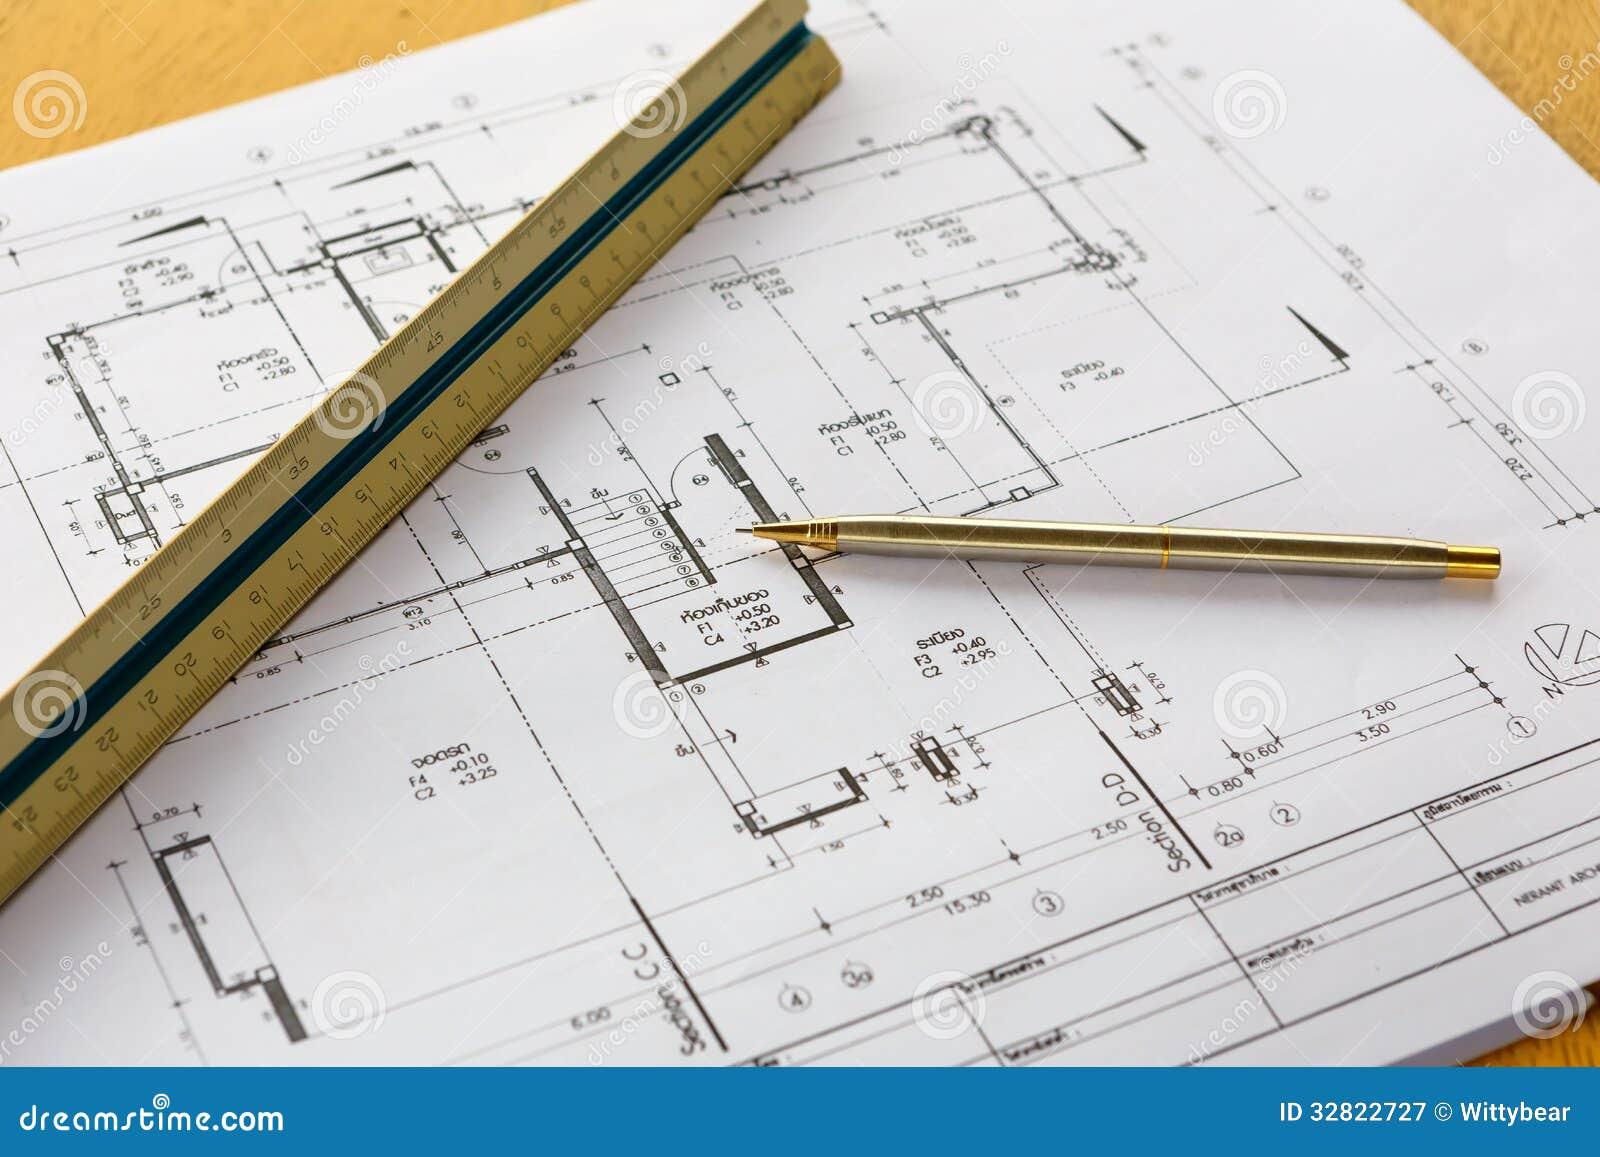 Dessins d 39 architecture avec le crayon et la r gle for Dessins d architecture bricolage